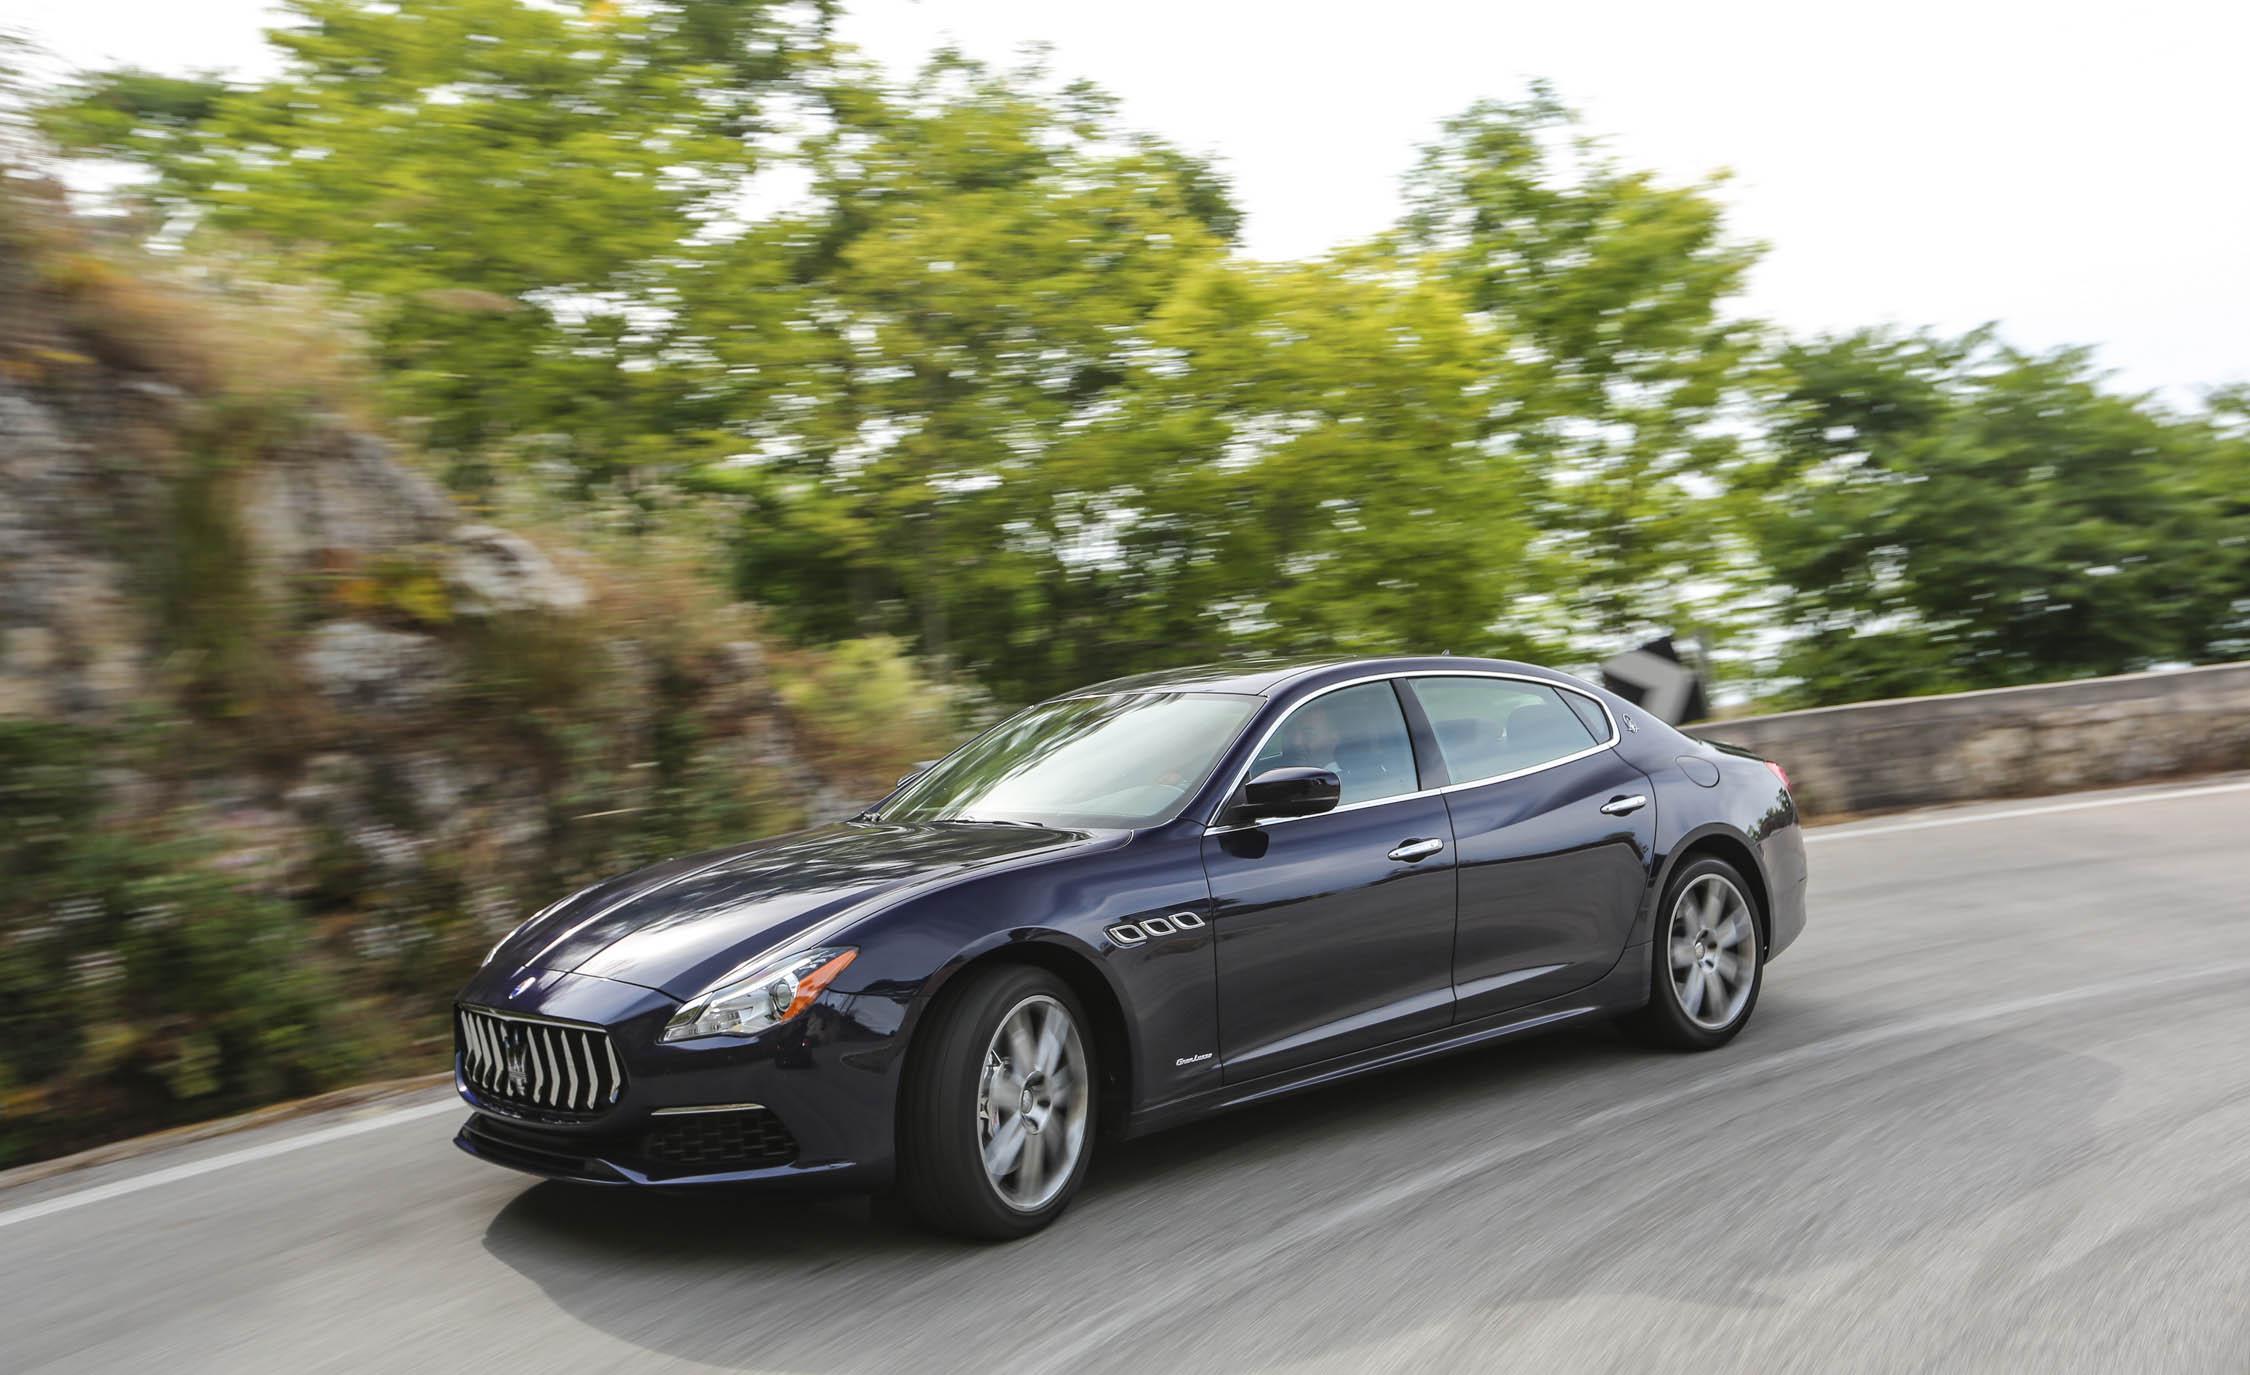 2017 Maserati Quattroporte GTS GranLusso (Photo 6 of 55)